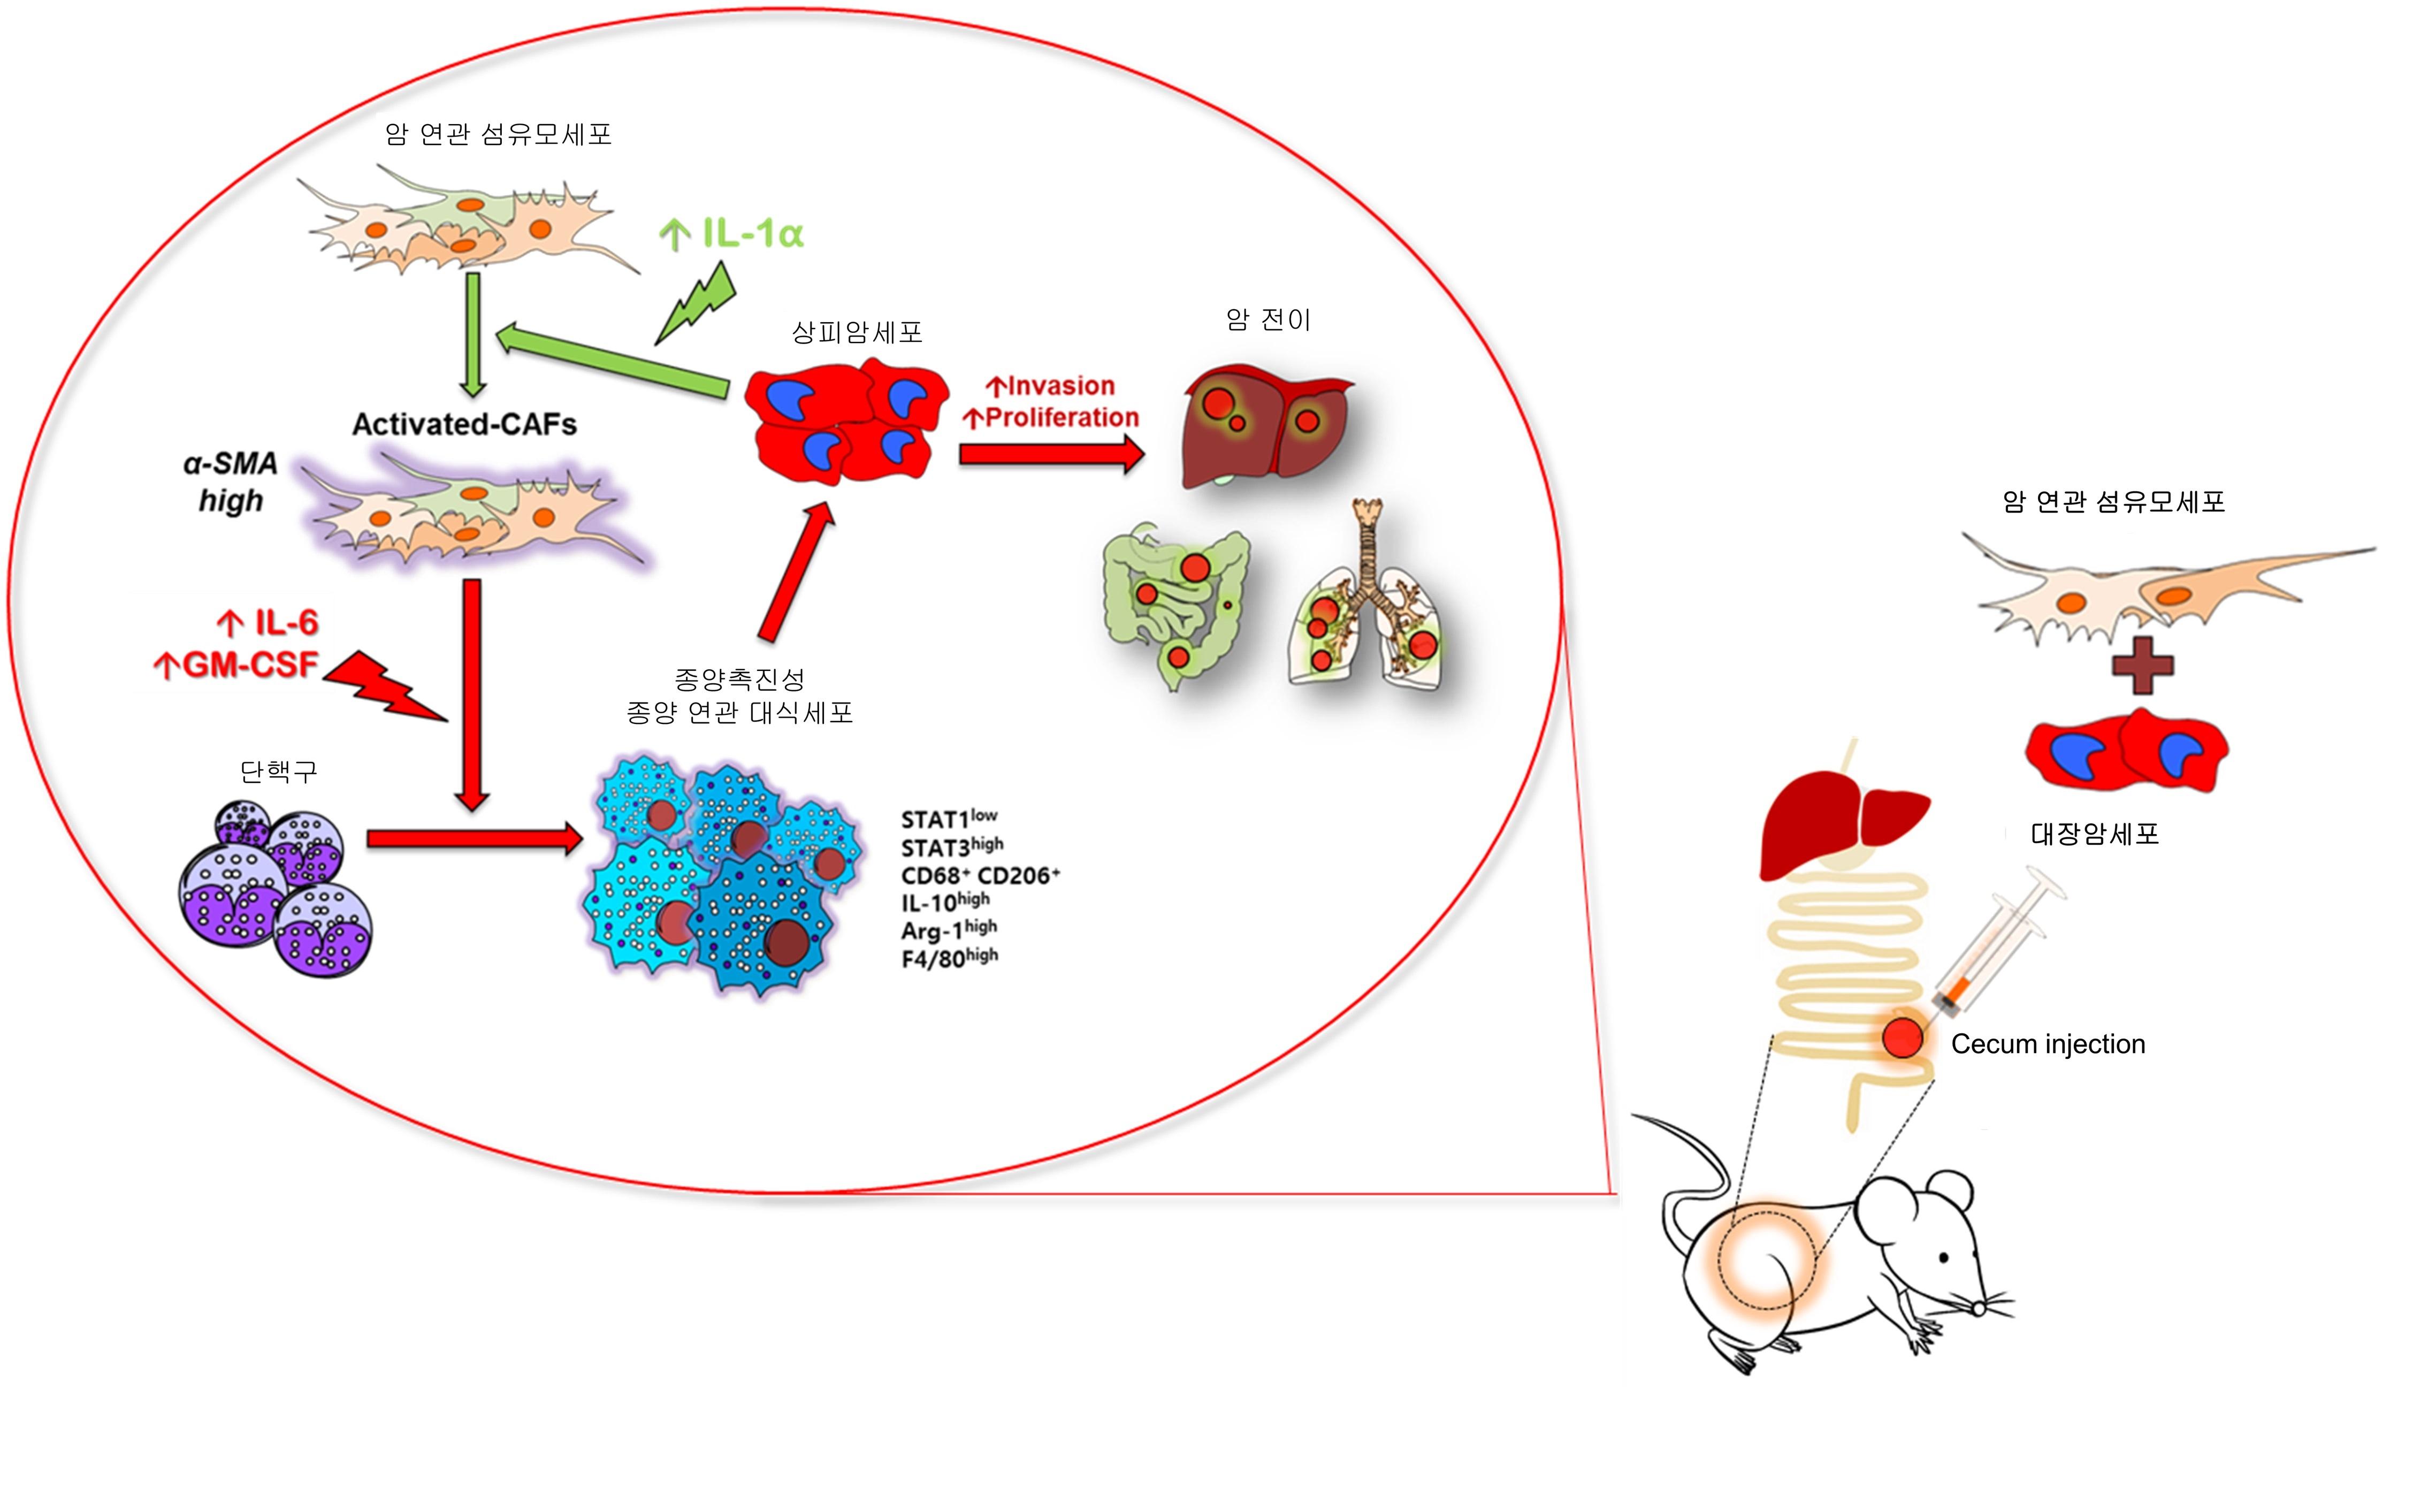 암세포, 대식세포, 섬유모세포 사이의 신호교환에 의한 암전이 촉진 과정 암세포 주변에 존재하는 섬유모세포(CAF)는 암세포가 분비하는 IL-1α에 의해 활성화되어, 수용성 인자들의 분비가 촉진됨. 그 중, 인터루킨-6와 GM-CSF는 단핵구가 대식세포로 분화되도록 유도하고, M2형 대식세포로 활성화시킴. M2형 대식세포는 암세포의 성장과 전이를 촉진함. - 한국연구재단